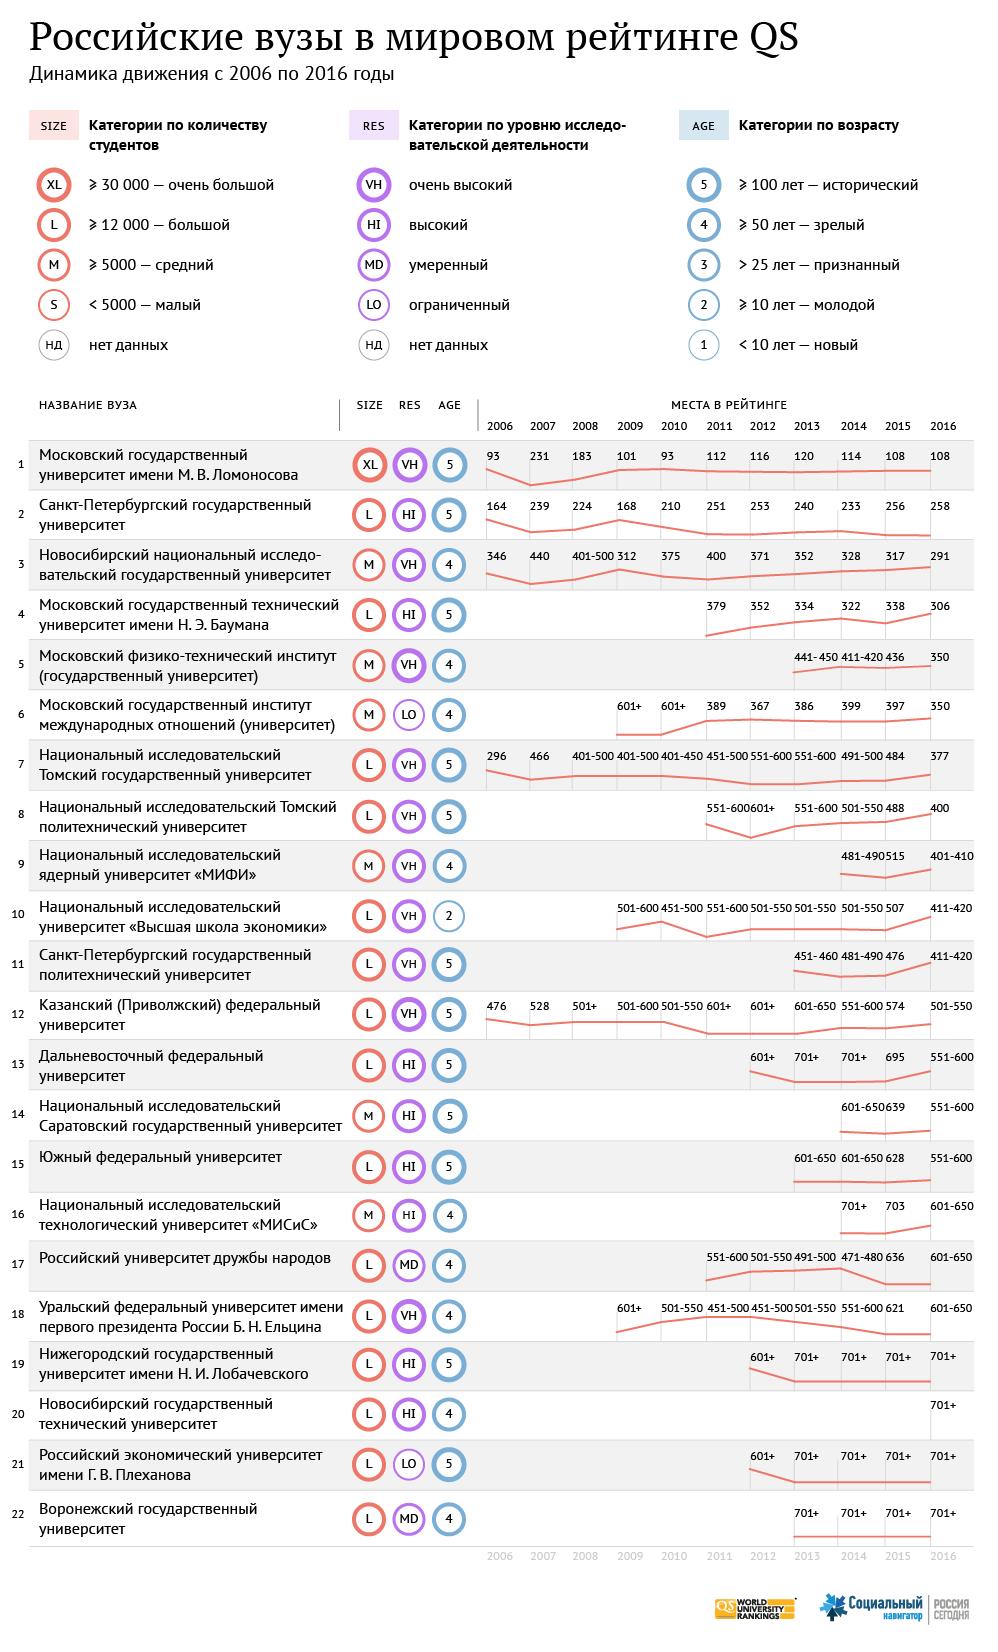 Российские вузы в мировом рейтинге QS 2016